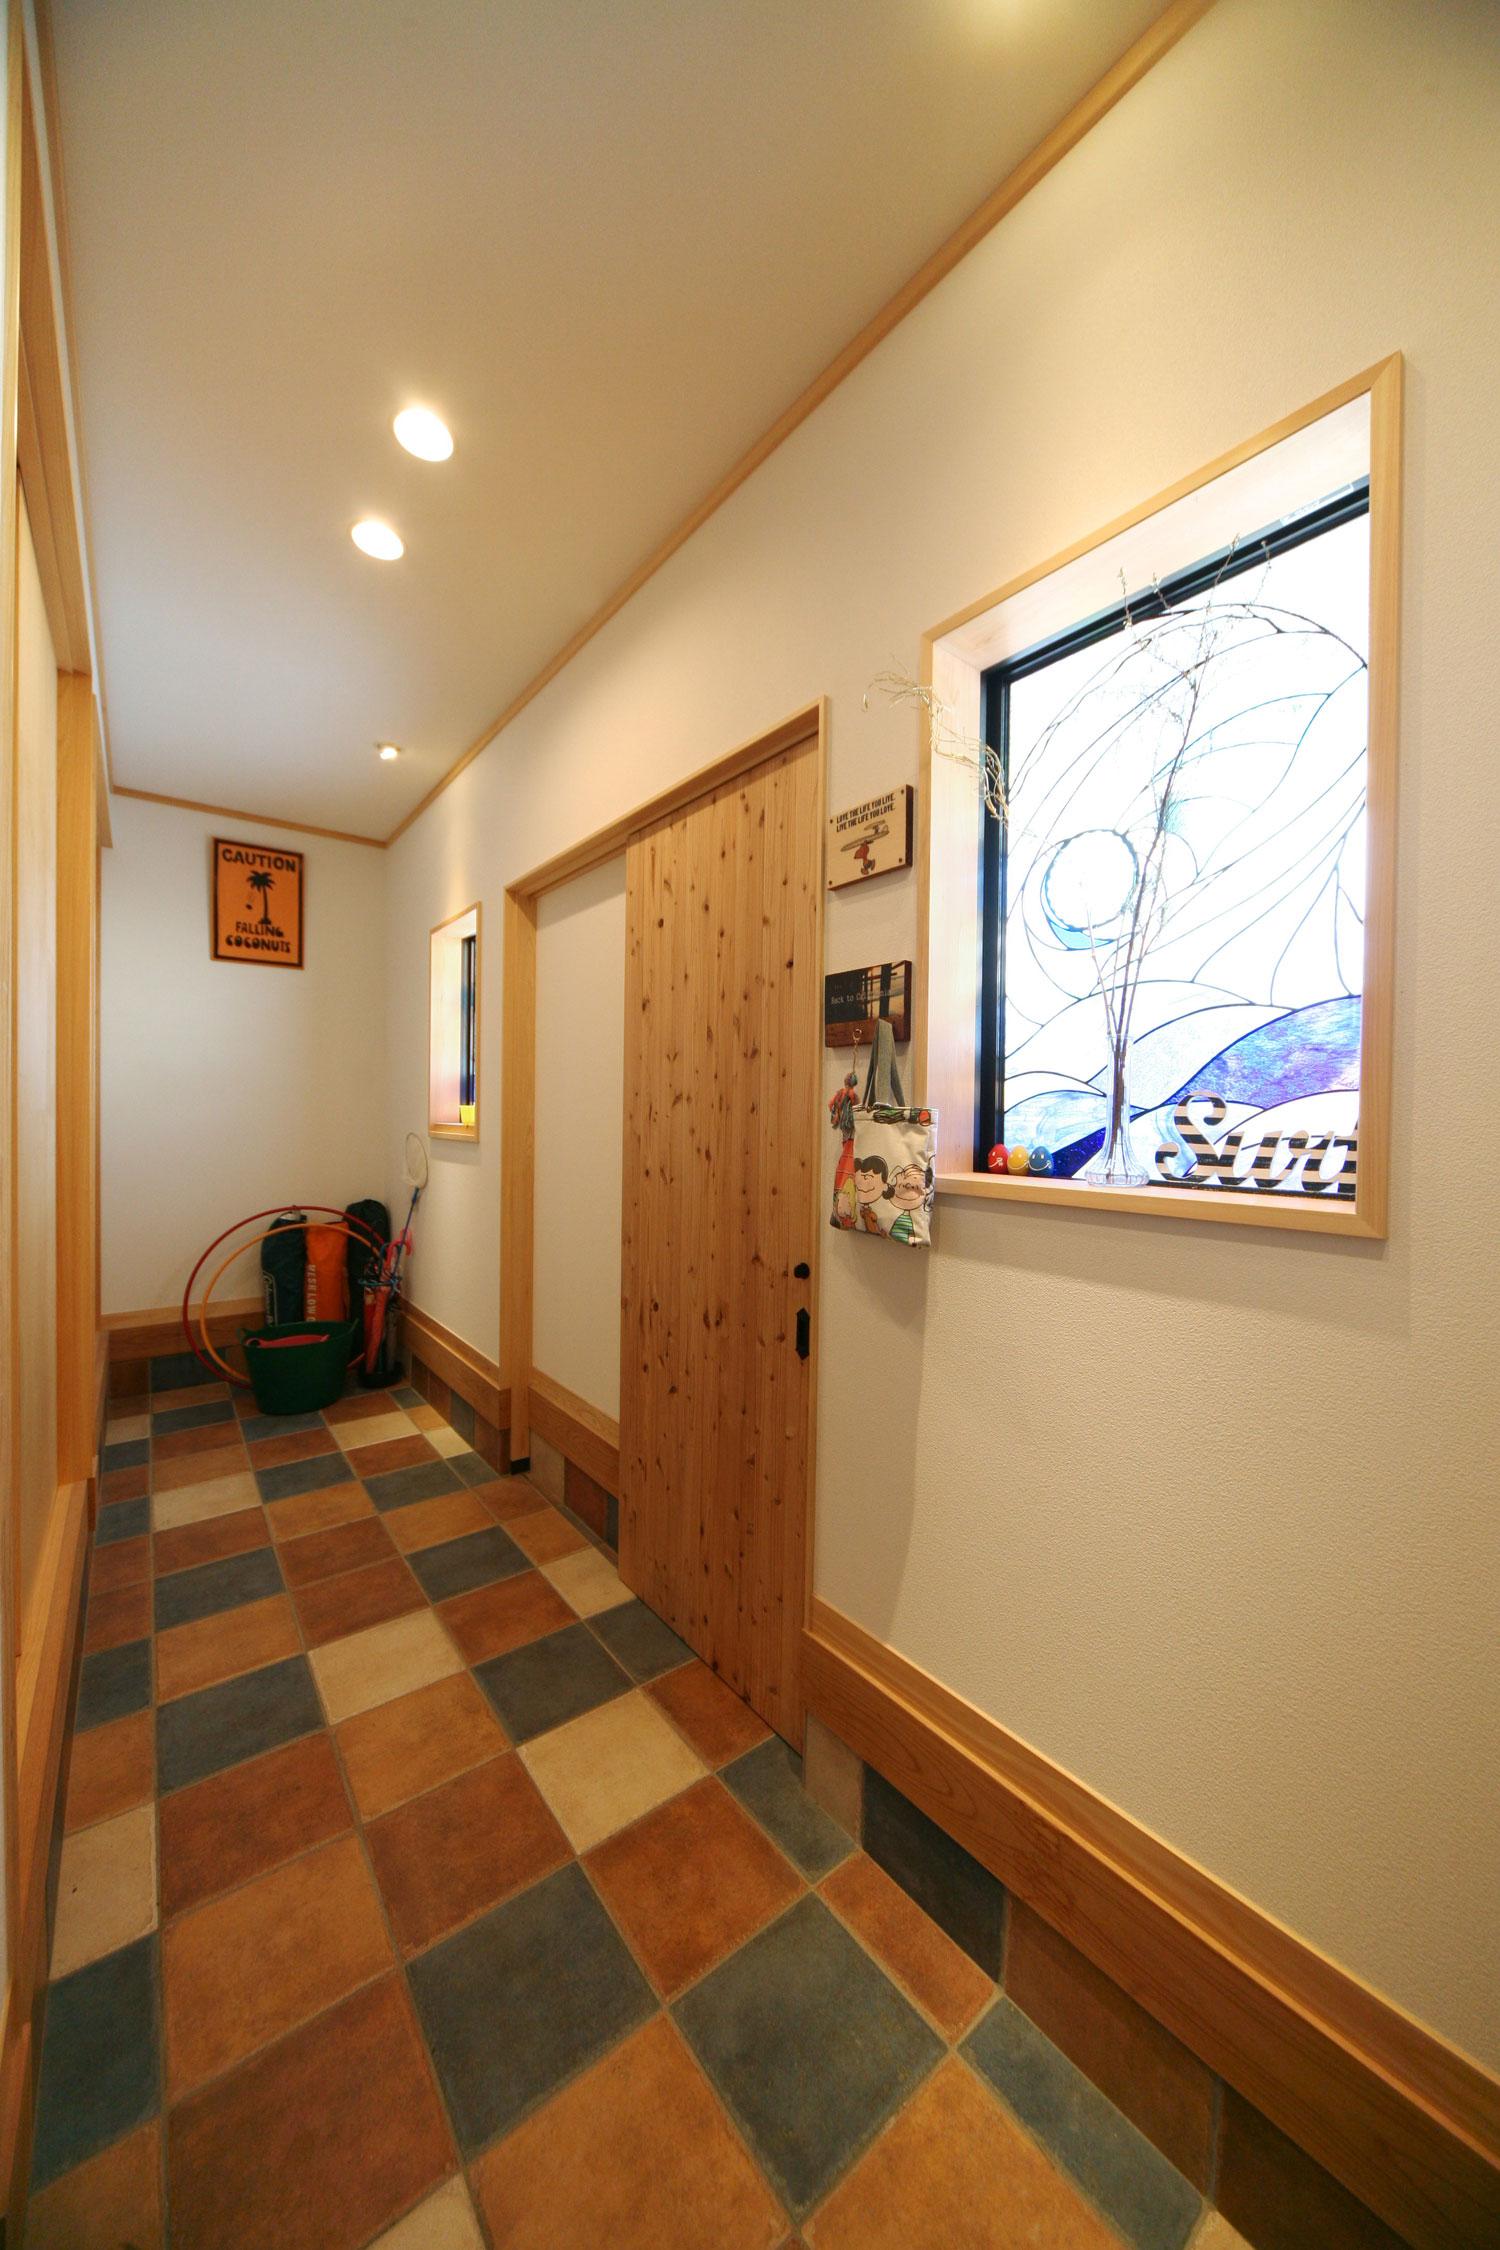 岩田建築【デザイン住宅、趣味、インテリア】6帖分のスペースがある広い玄関。直接、洗面脱衣室に入れる動線も確保